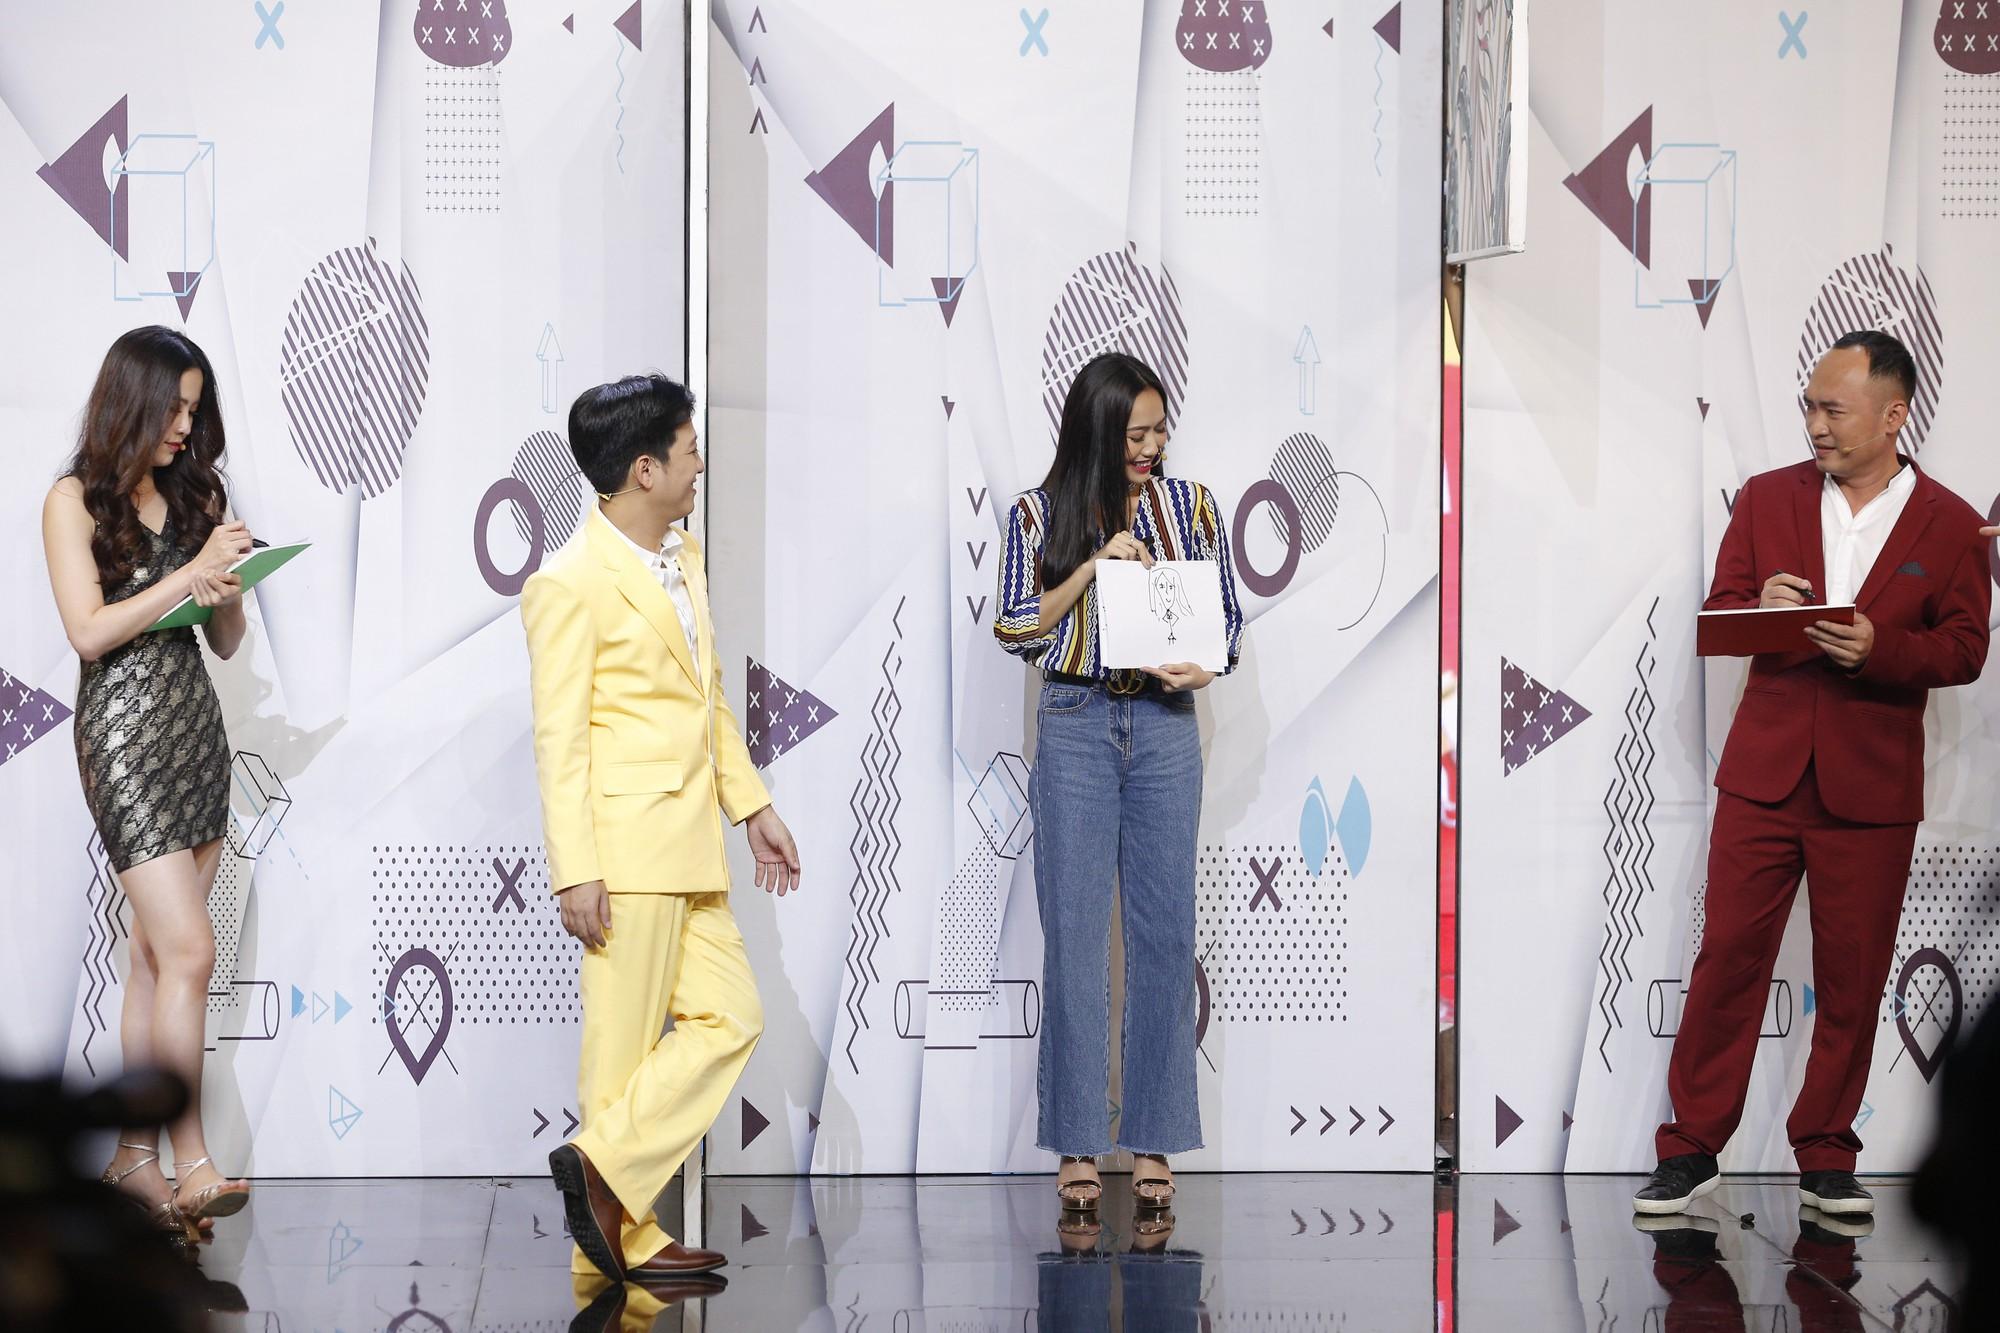 Trường Giang, Hari Won nghĩ gì về việc đi đám cưới của người yêu cũ? - Ảnh 5.